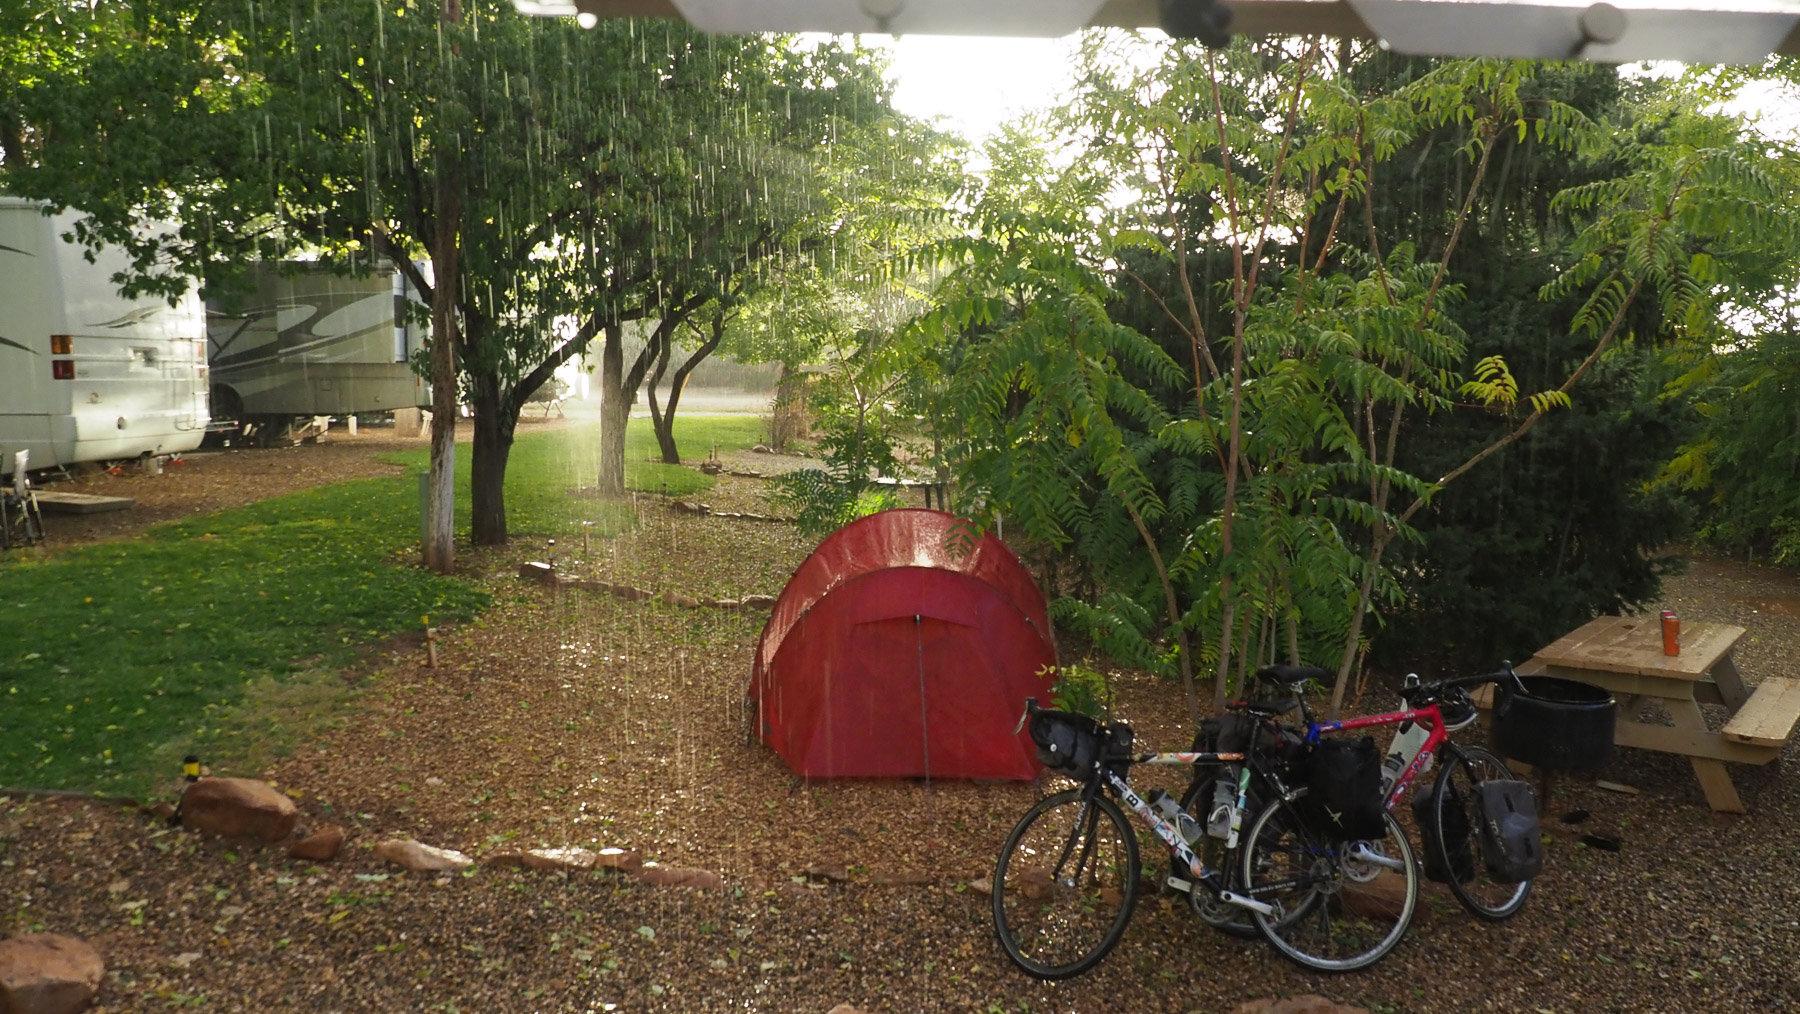 Rachel und Lukes Zelt und Fahrräder im großen Regen